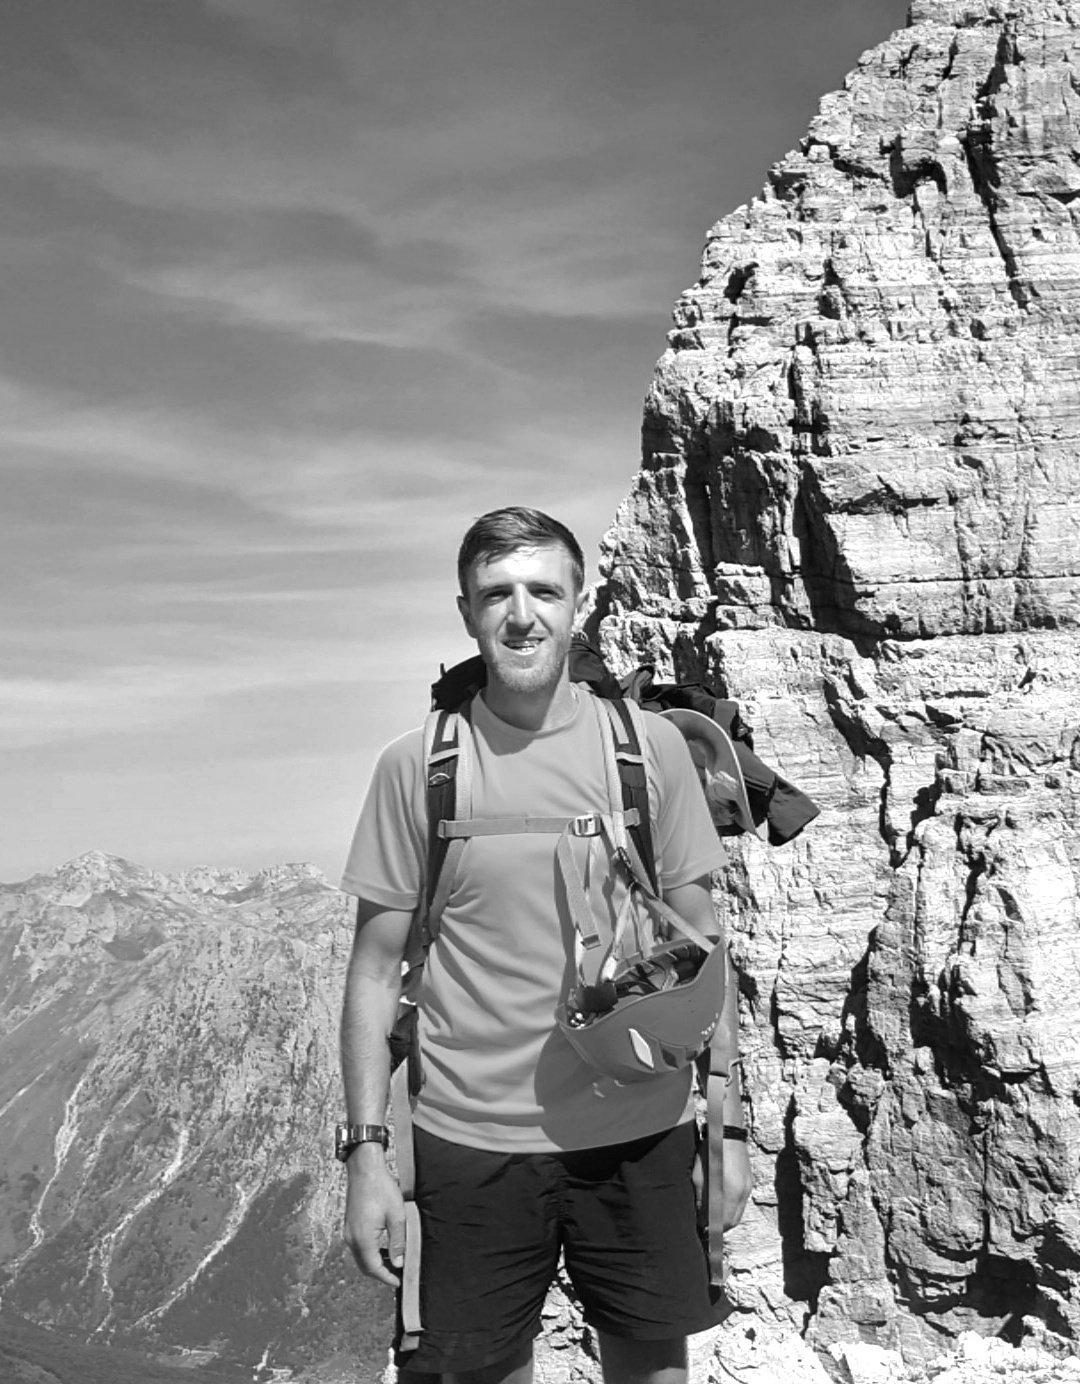 Adnan Beqiraj Mountain Guide